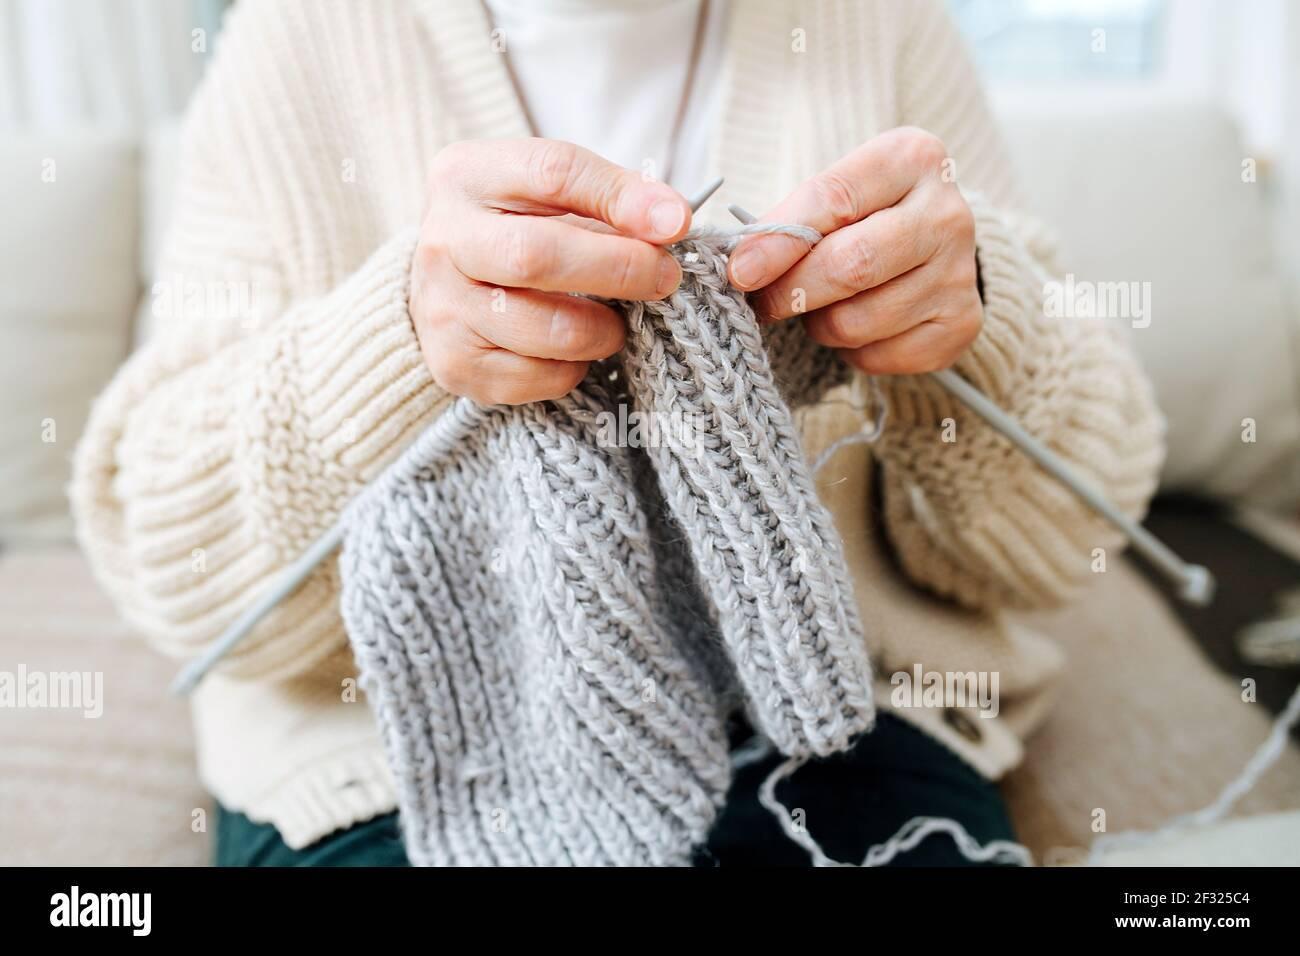 Granny assis sur un canapé à la maison, tricotage avec des aiguilles, avec de la laine grise. Rogné, pas de visage. Banque D'Images